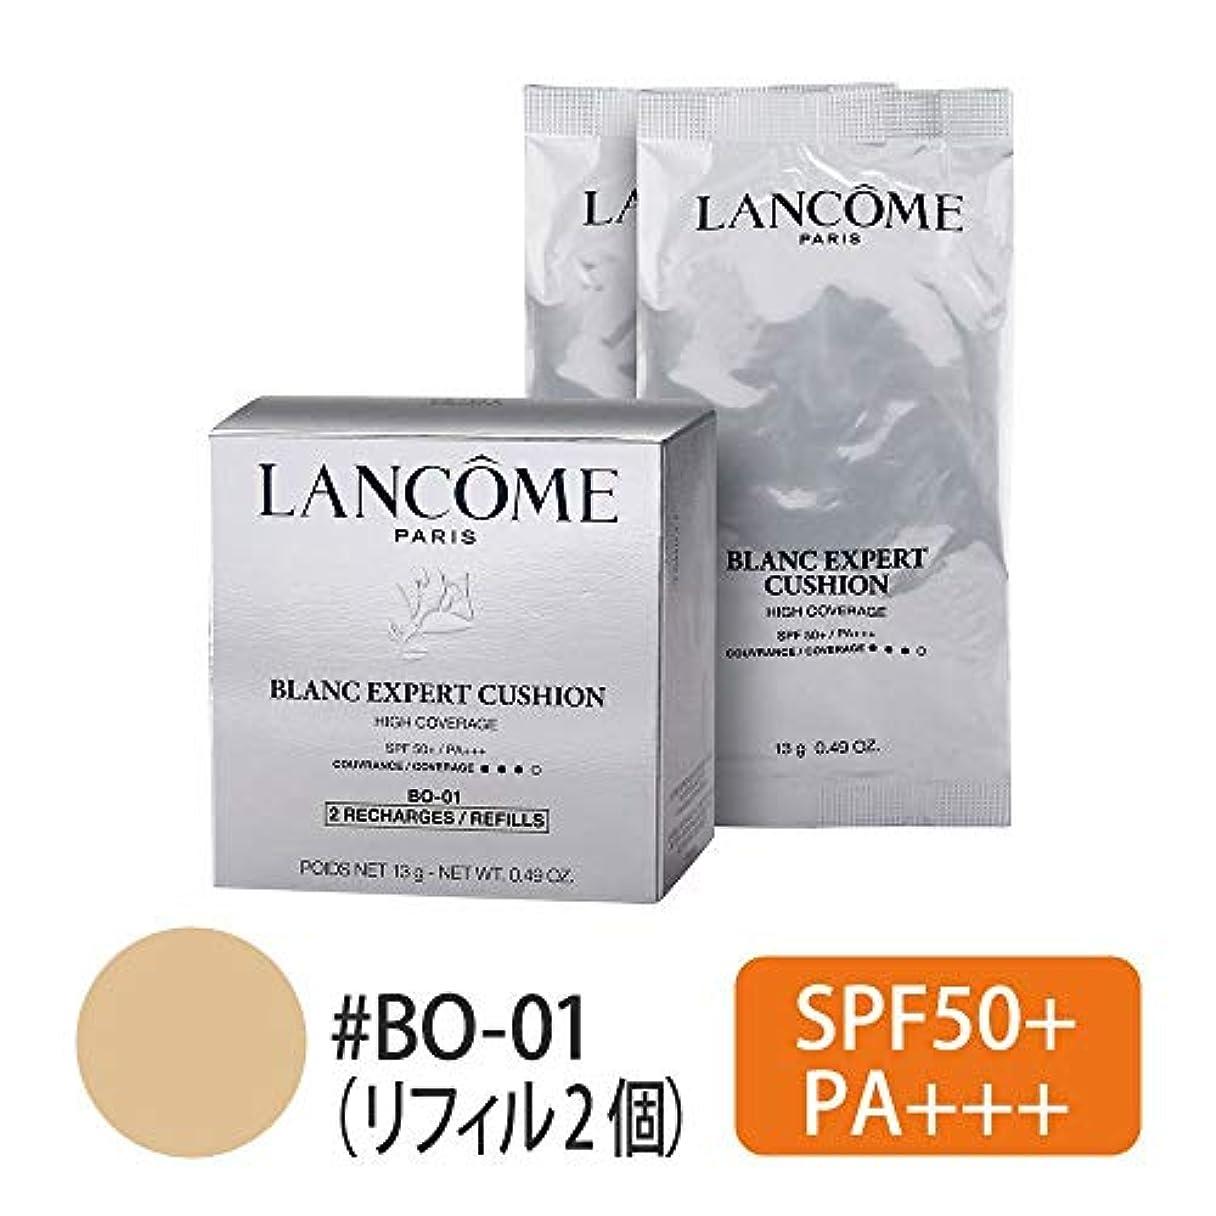 包括的忠実なとげランコム(LANCOME) ブラン エクスペール クッション コンパクト H (レフィル2個) #BO-01 SPF50+/PA+++ 13gx2[並行輸入品]